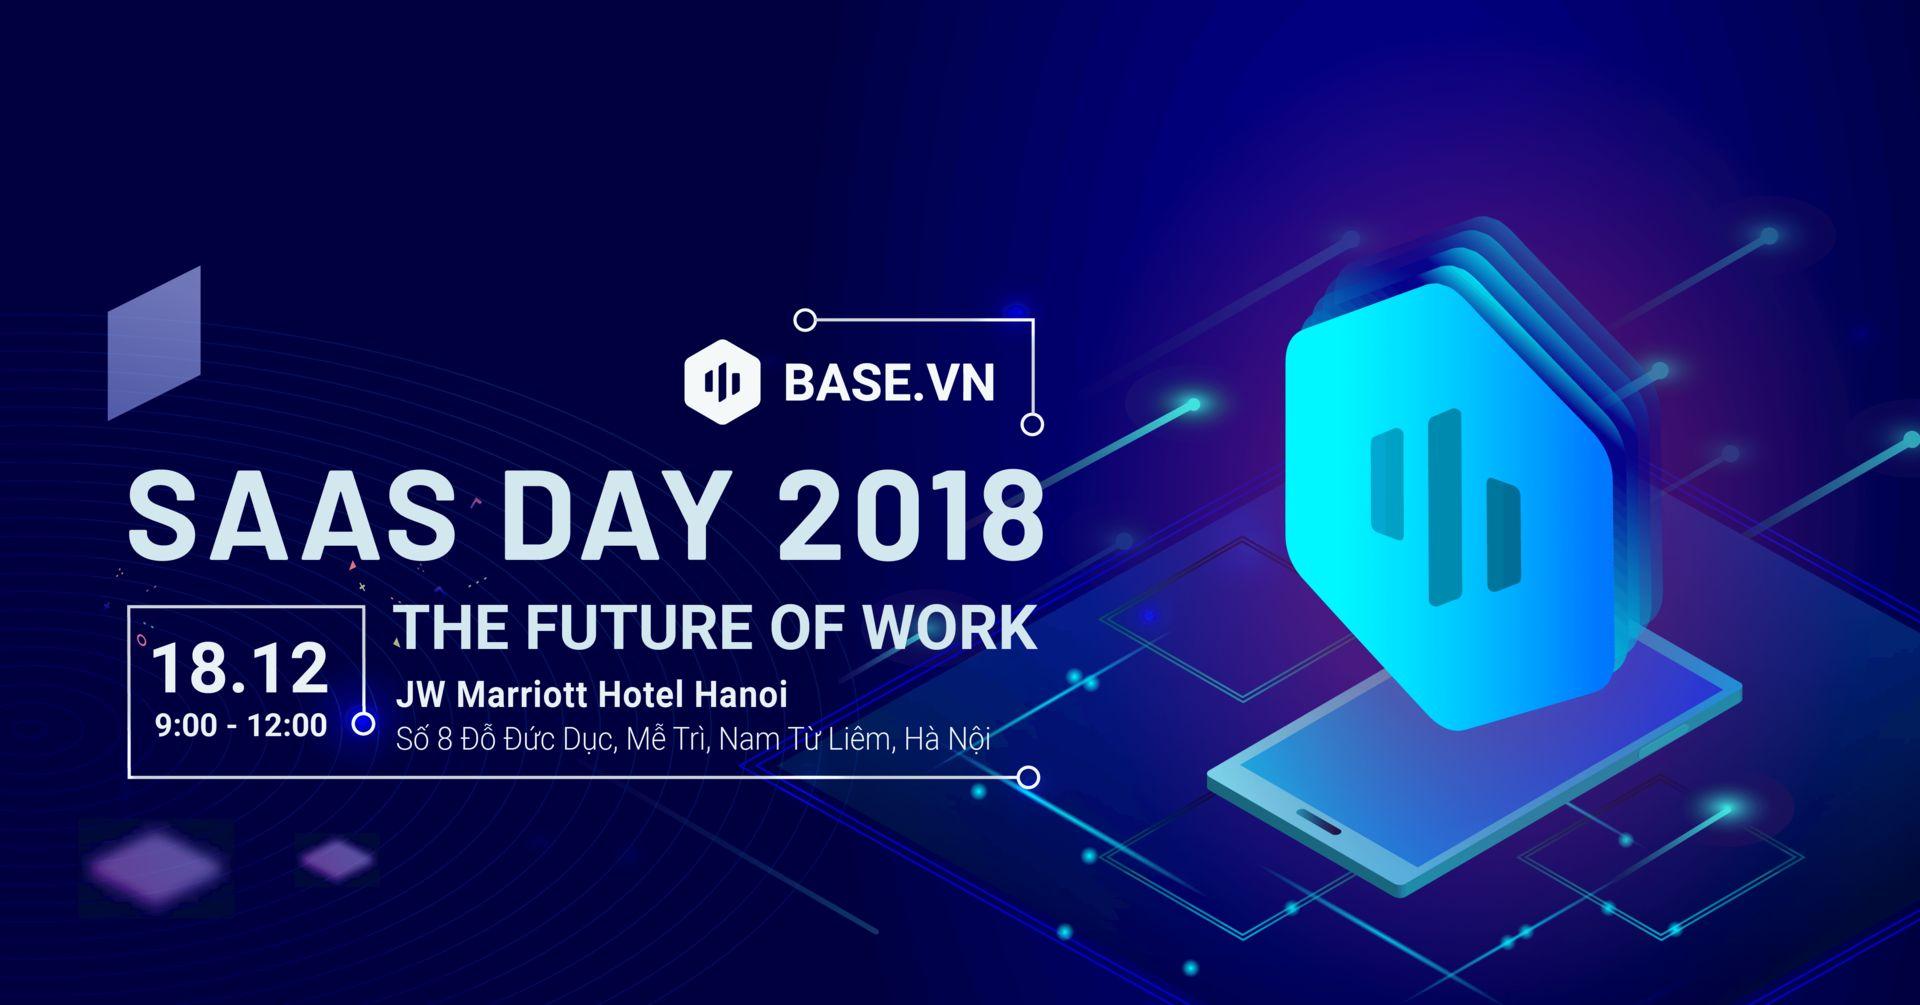 SaaS Day 2018